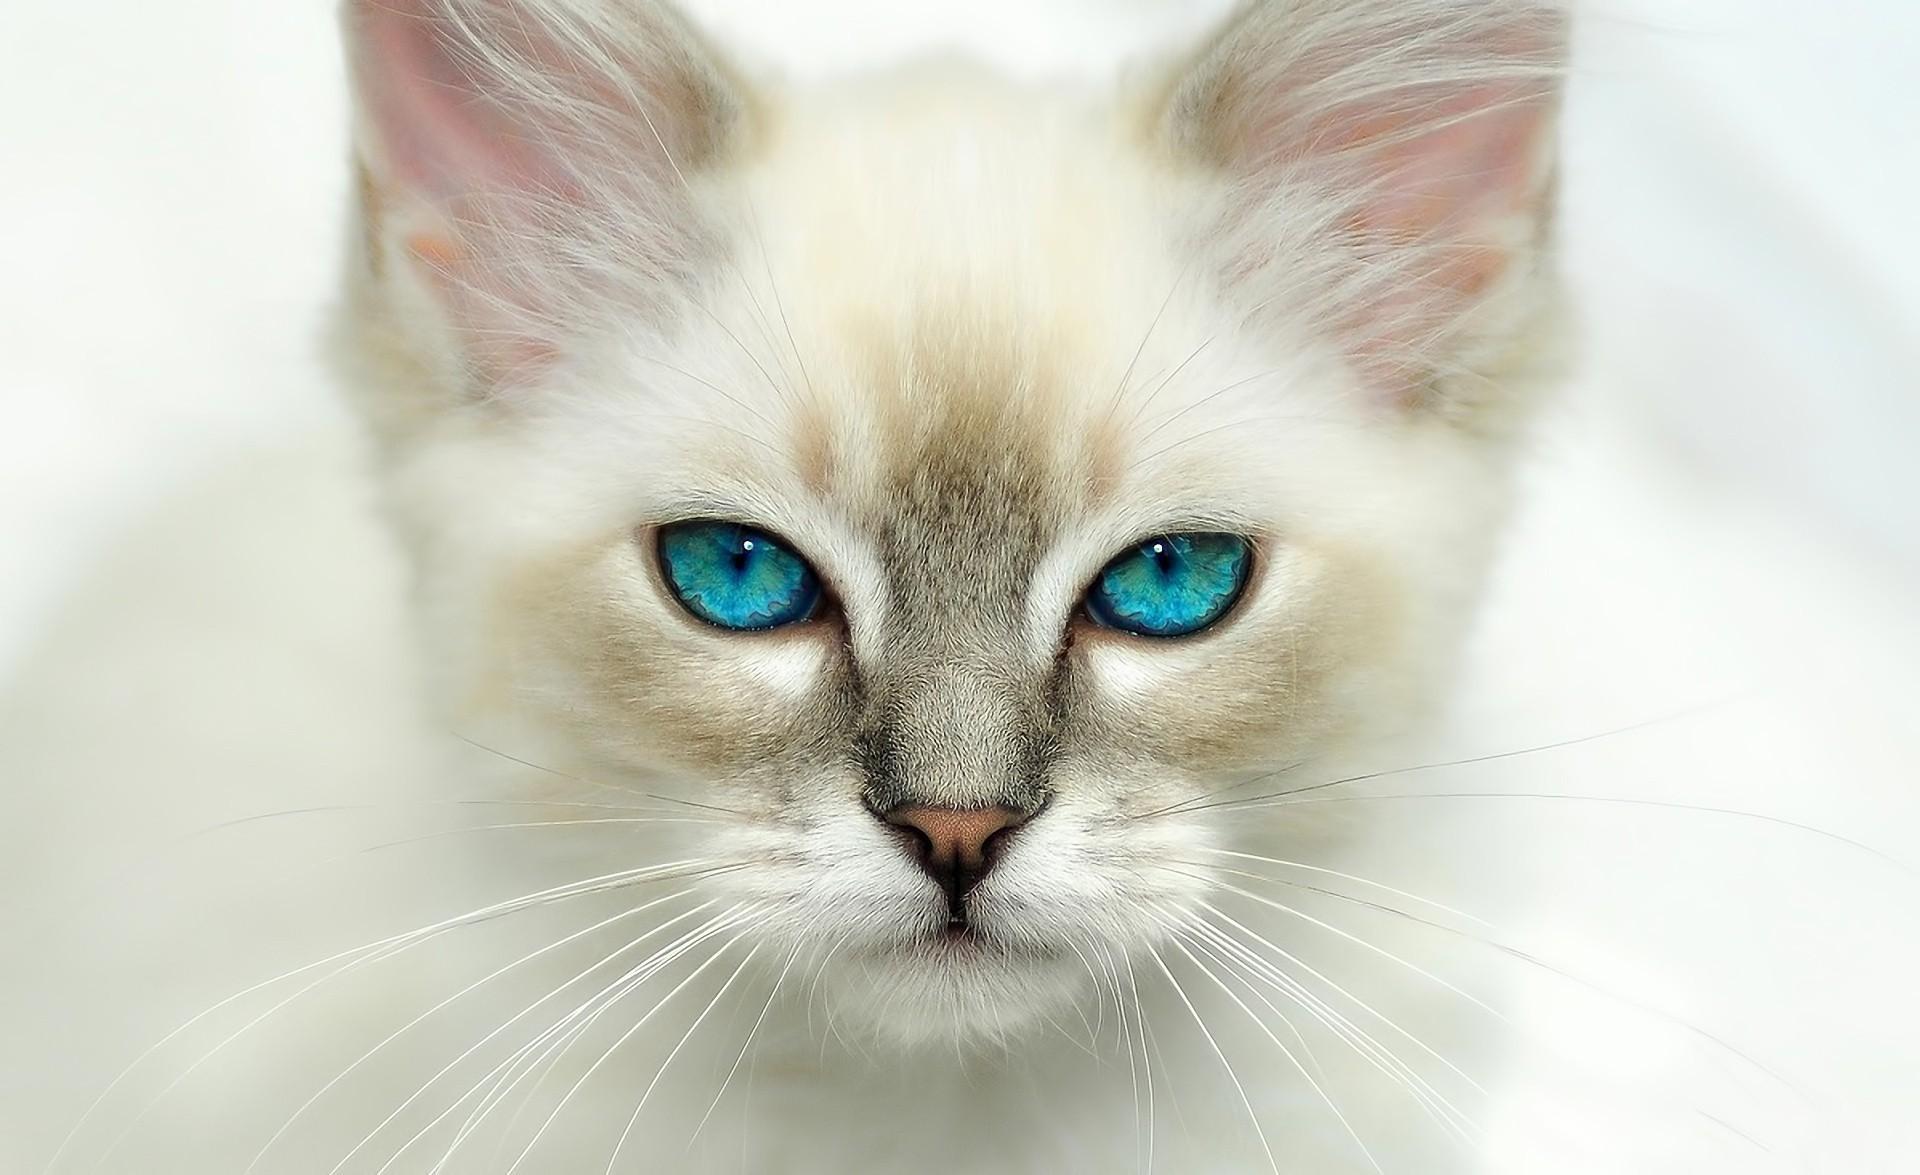 обои на рабочий стол белая кошка с голубыми глазами № 186047 загрузить